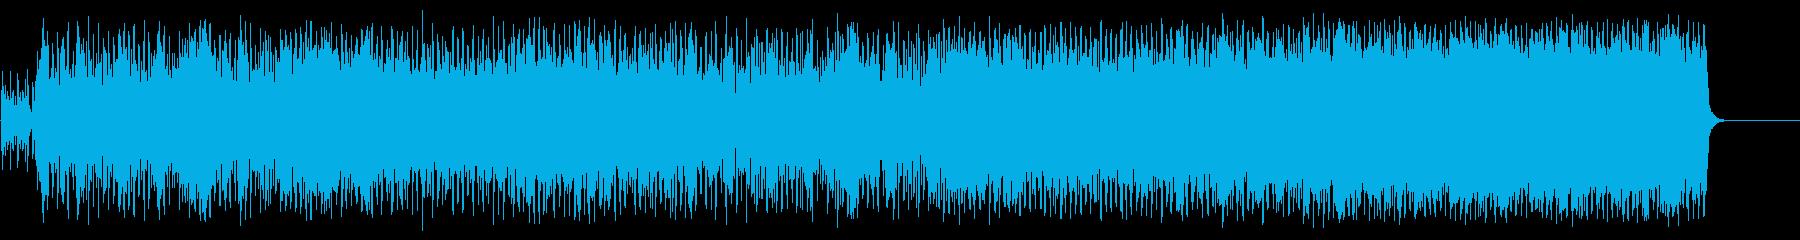 華やかで陽気なポップ/テーマの再生済みの波形